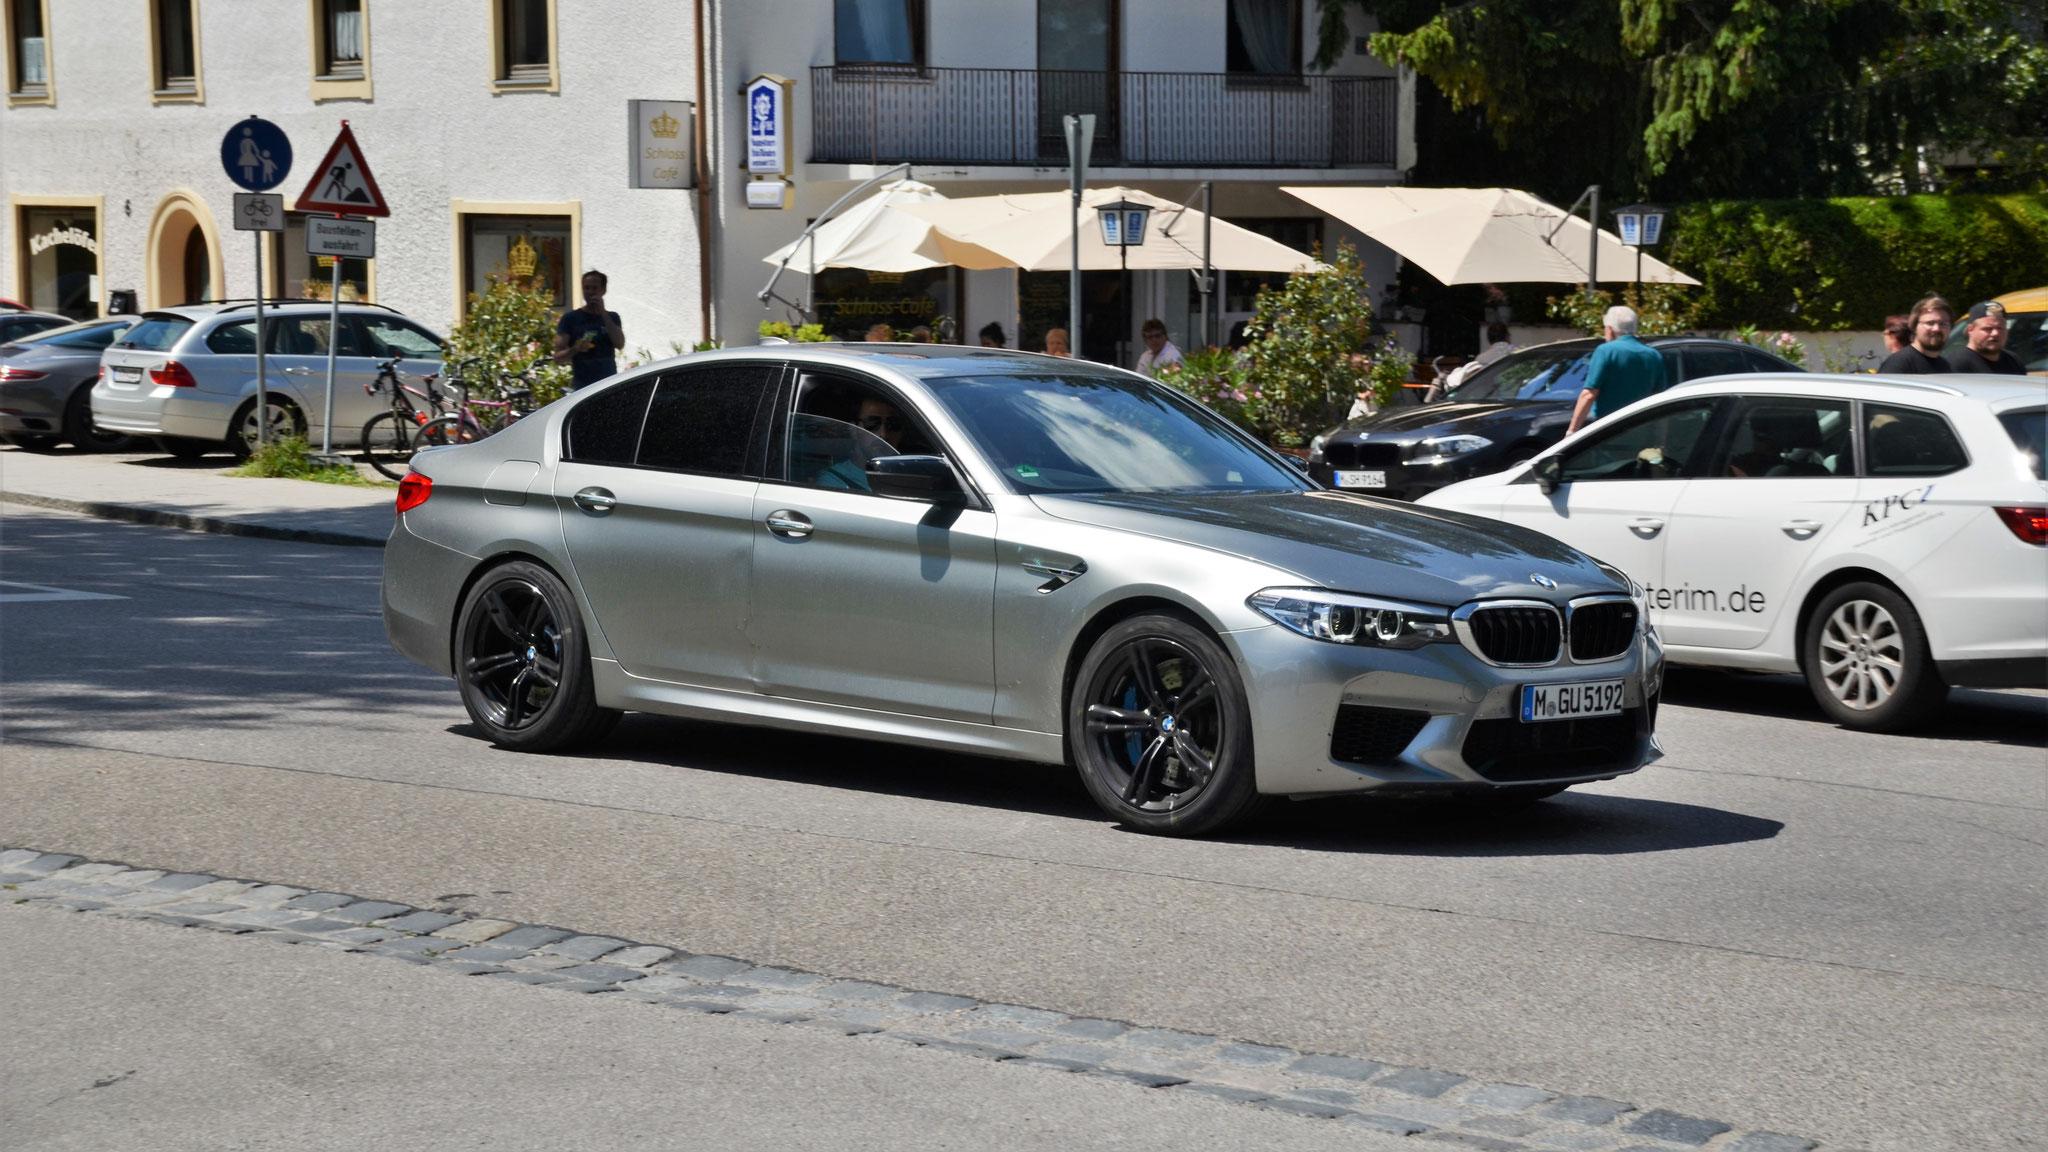 BMW M5 - M-GU-5192